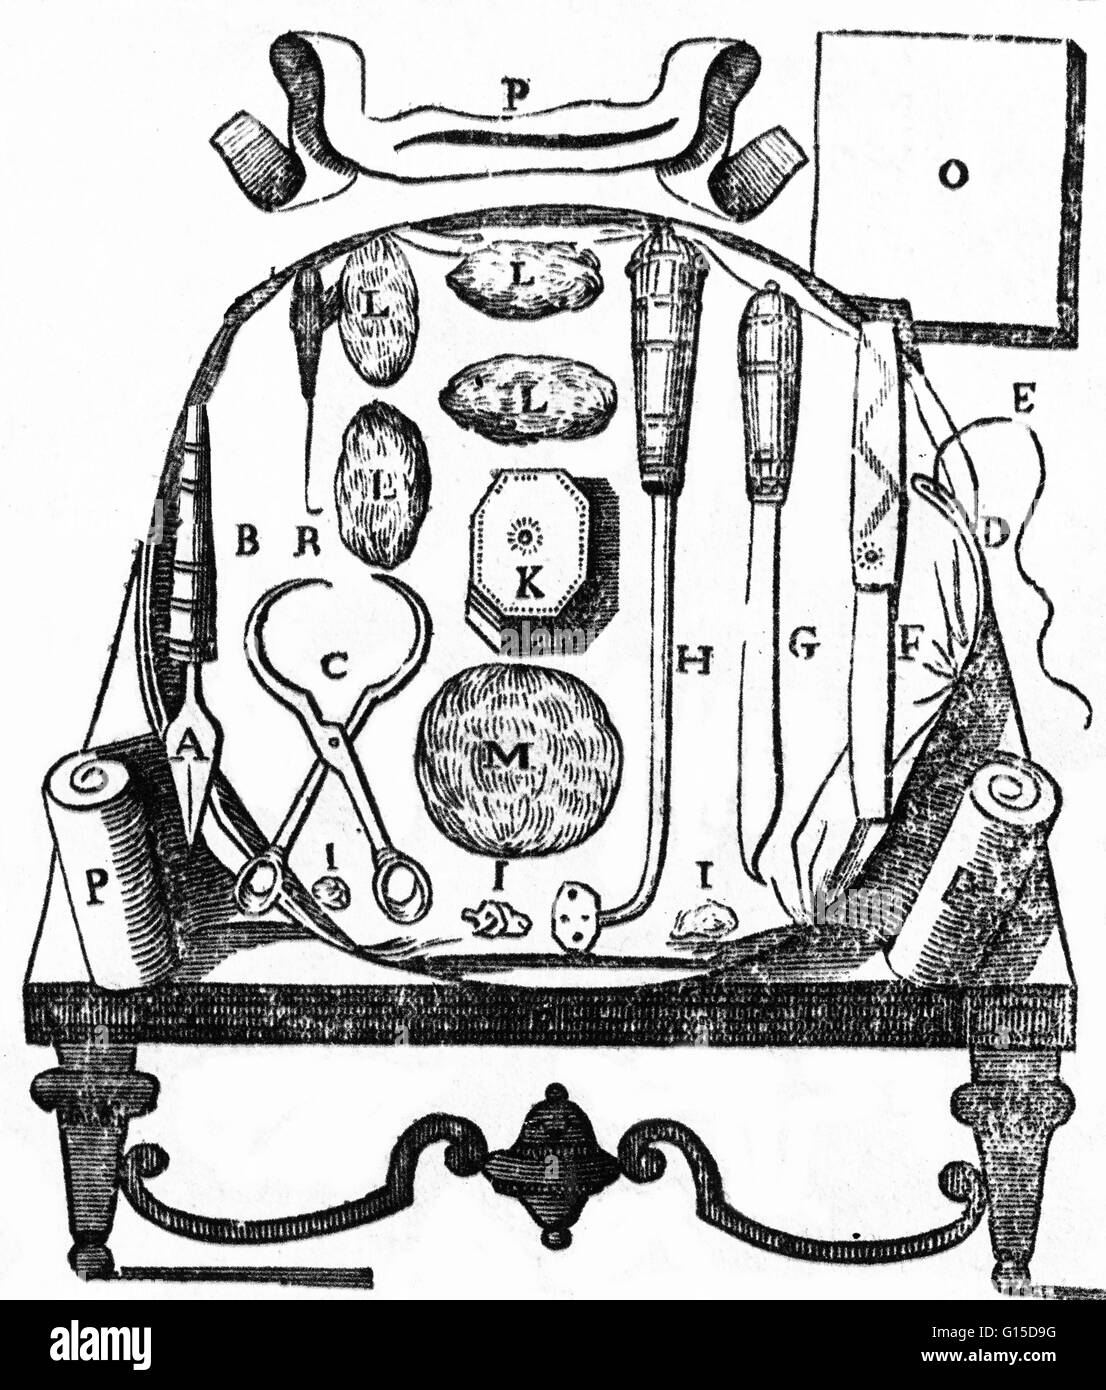 Eine historische Darstellung der chirurgische Instrumente. Stockbild